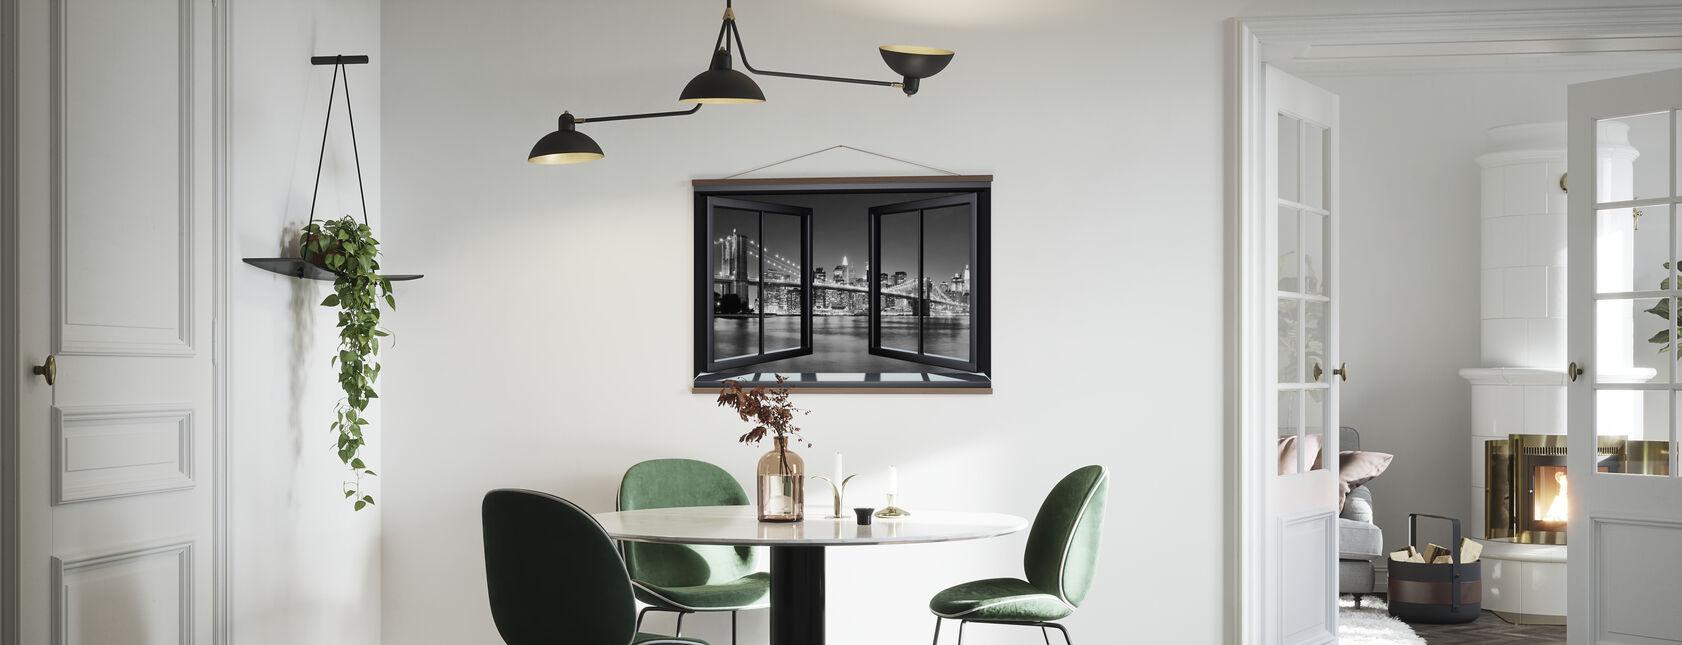 Bright Brooklyn Bridge Through Window - Poster - Kitchen